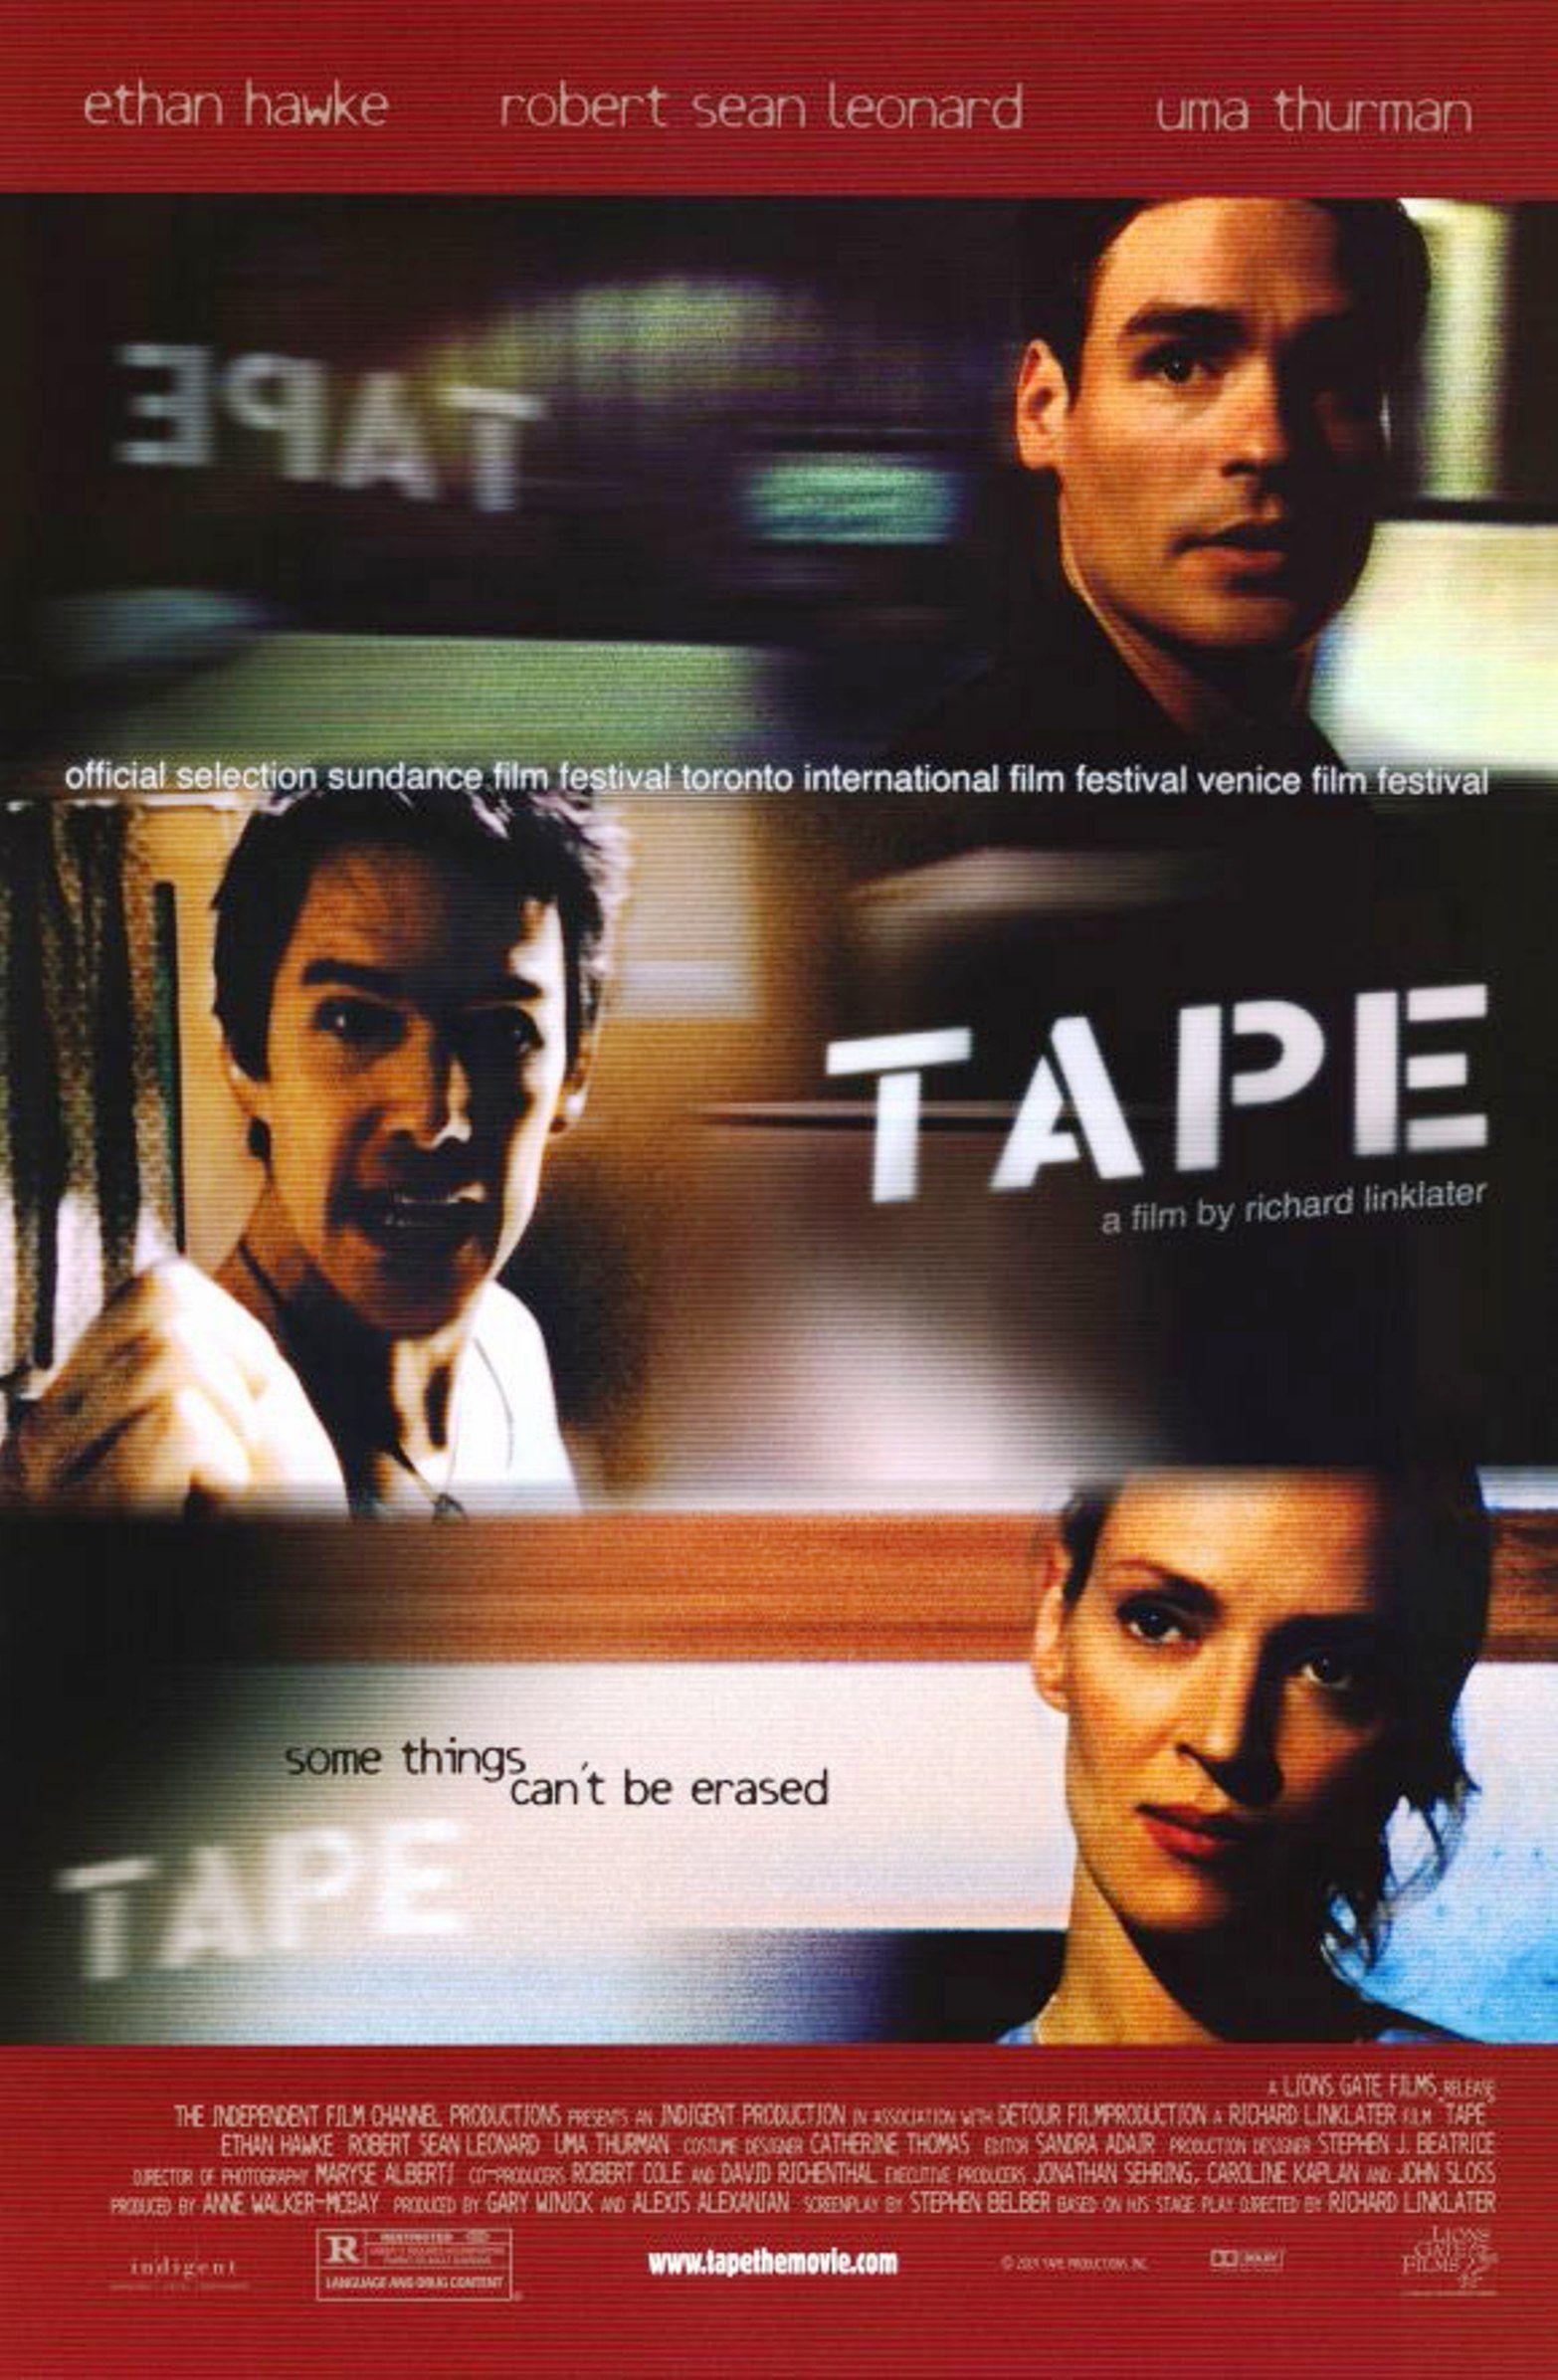 2001_Tape Poster.jpg